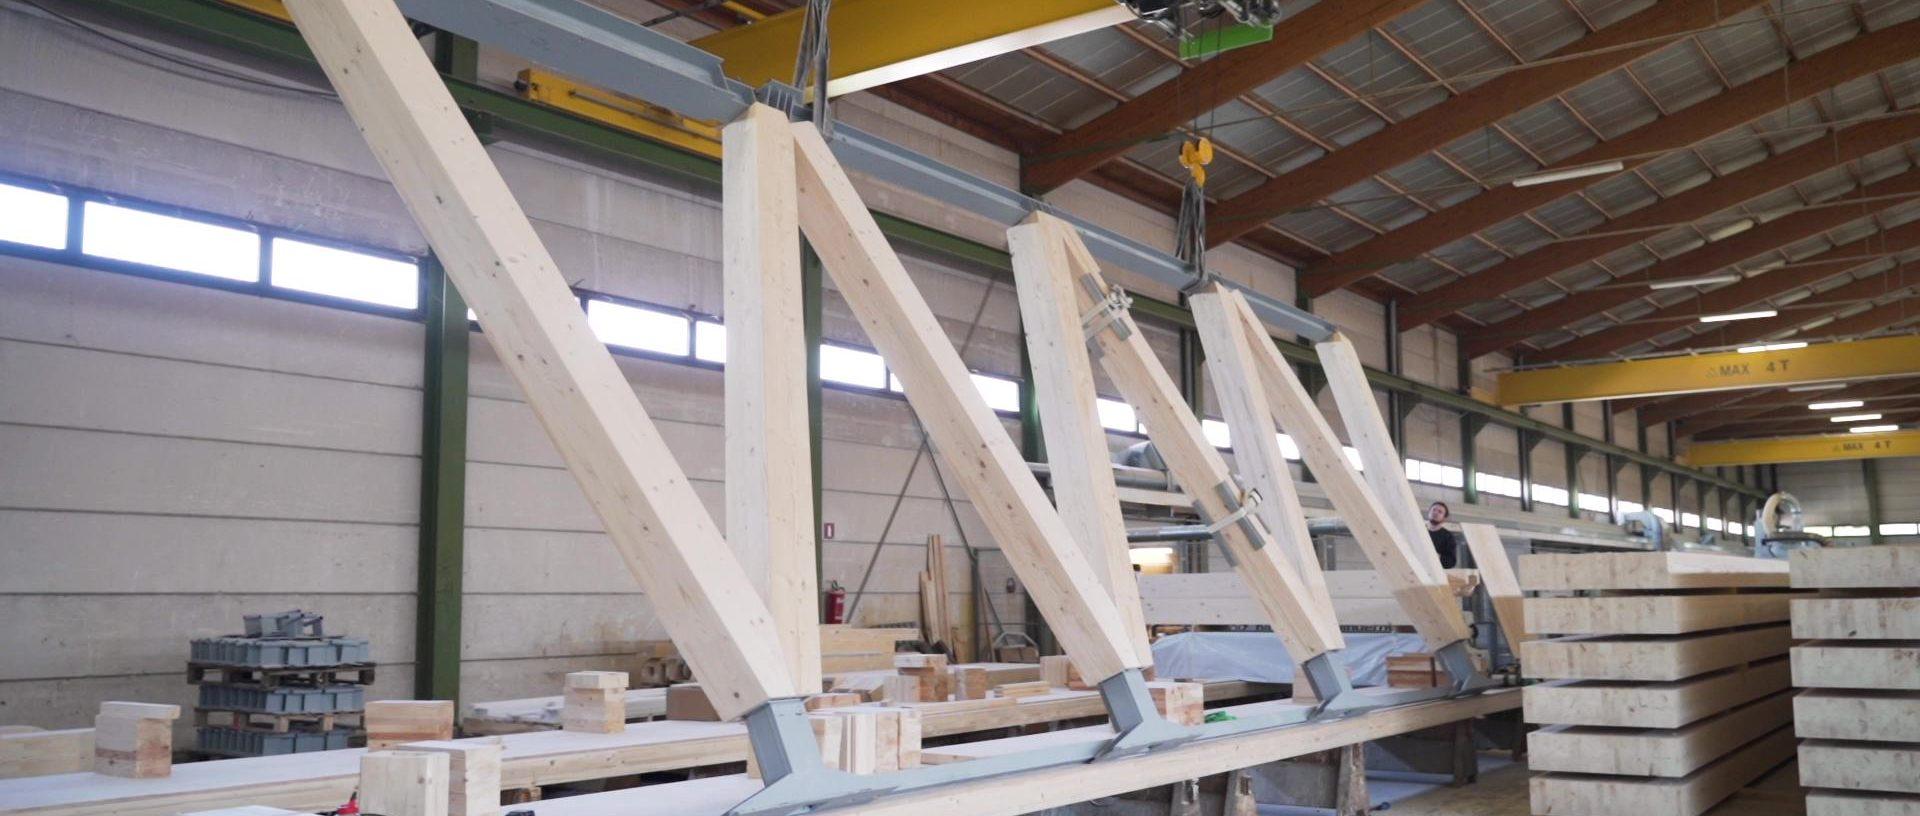 Wooden: Préassemblage des fermes-treillis